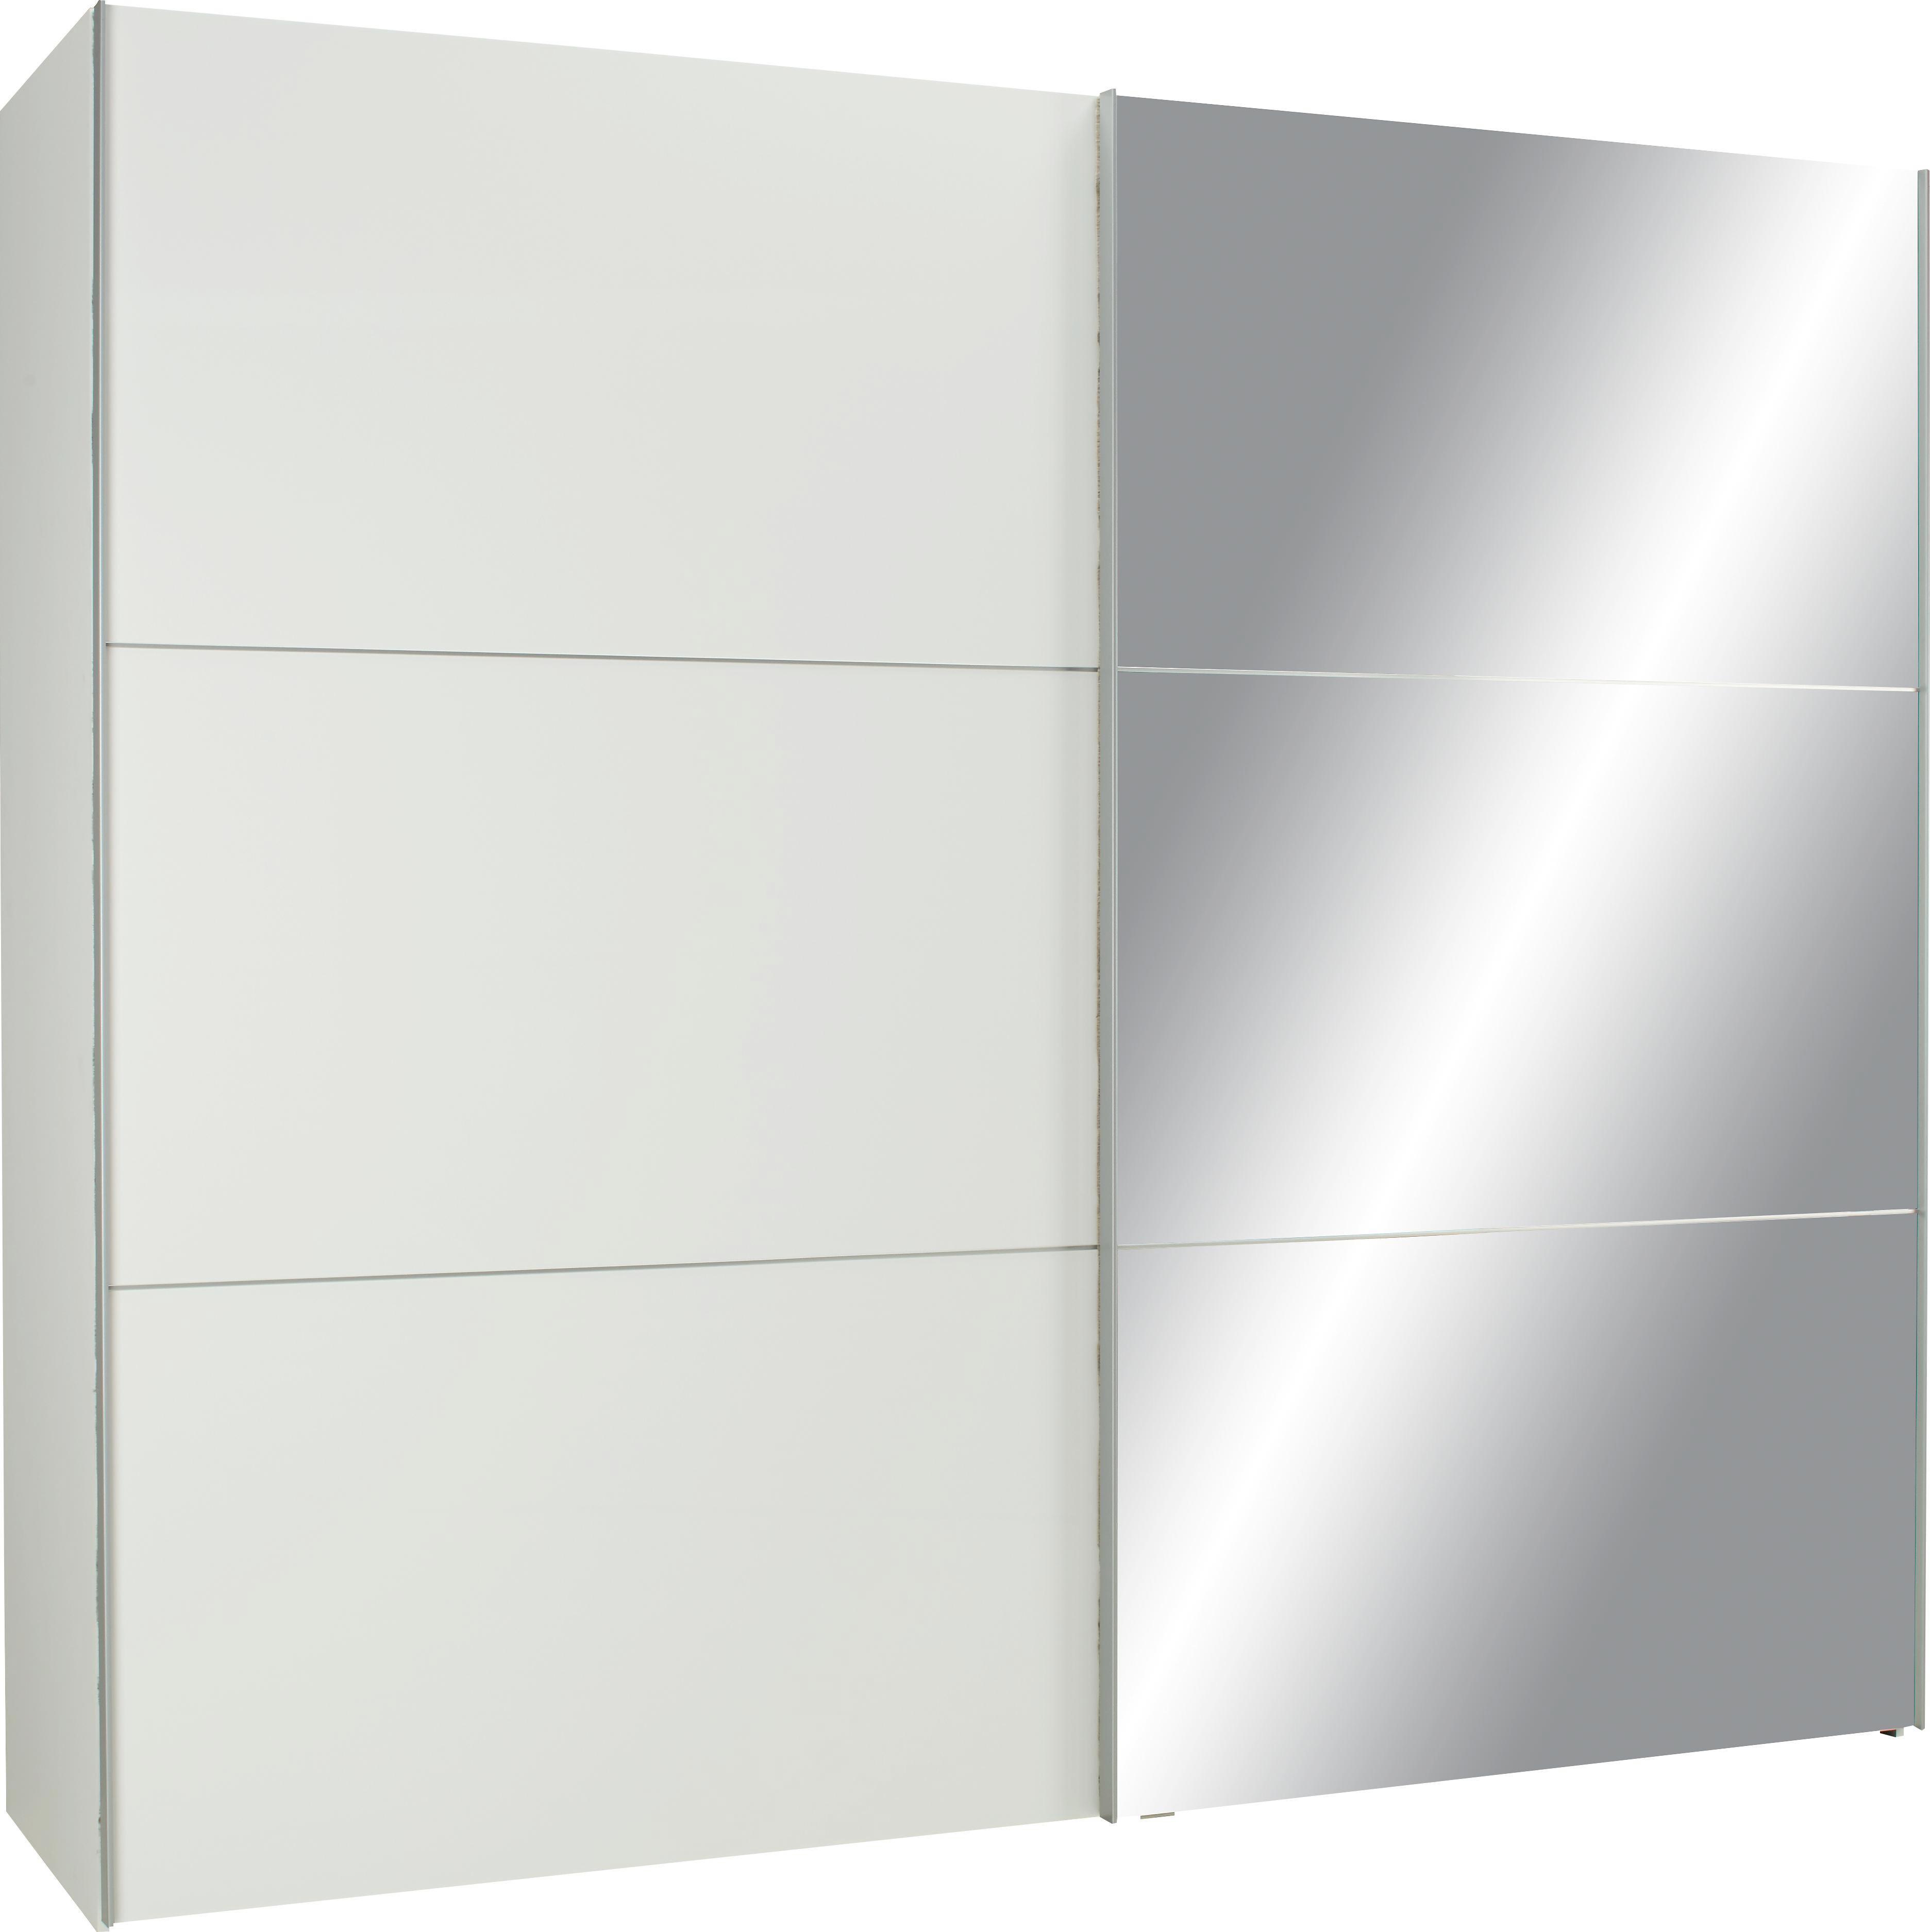 Schwebetürenschrank weiß mit spiegel  Schwebetürenschrank in Weiß/spiegel online kaufen ➤ mömax